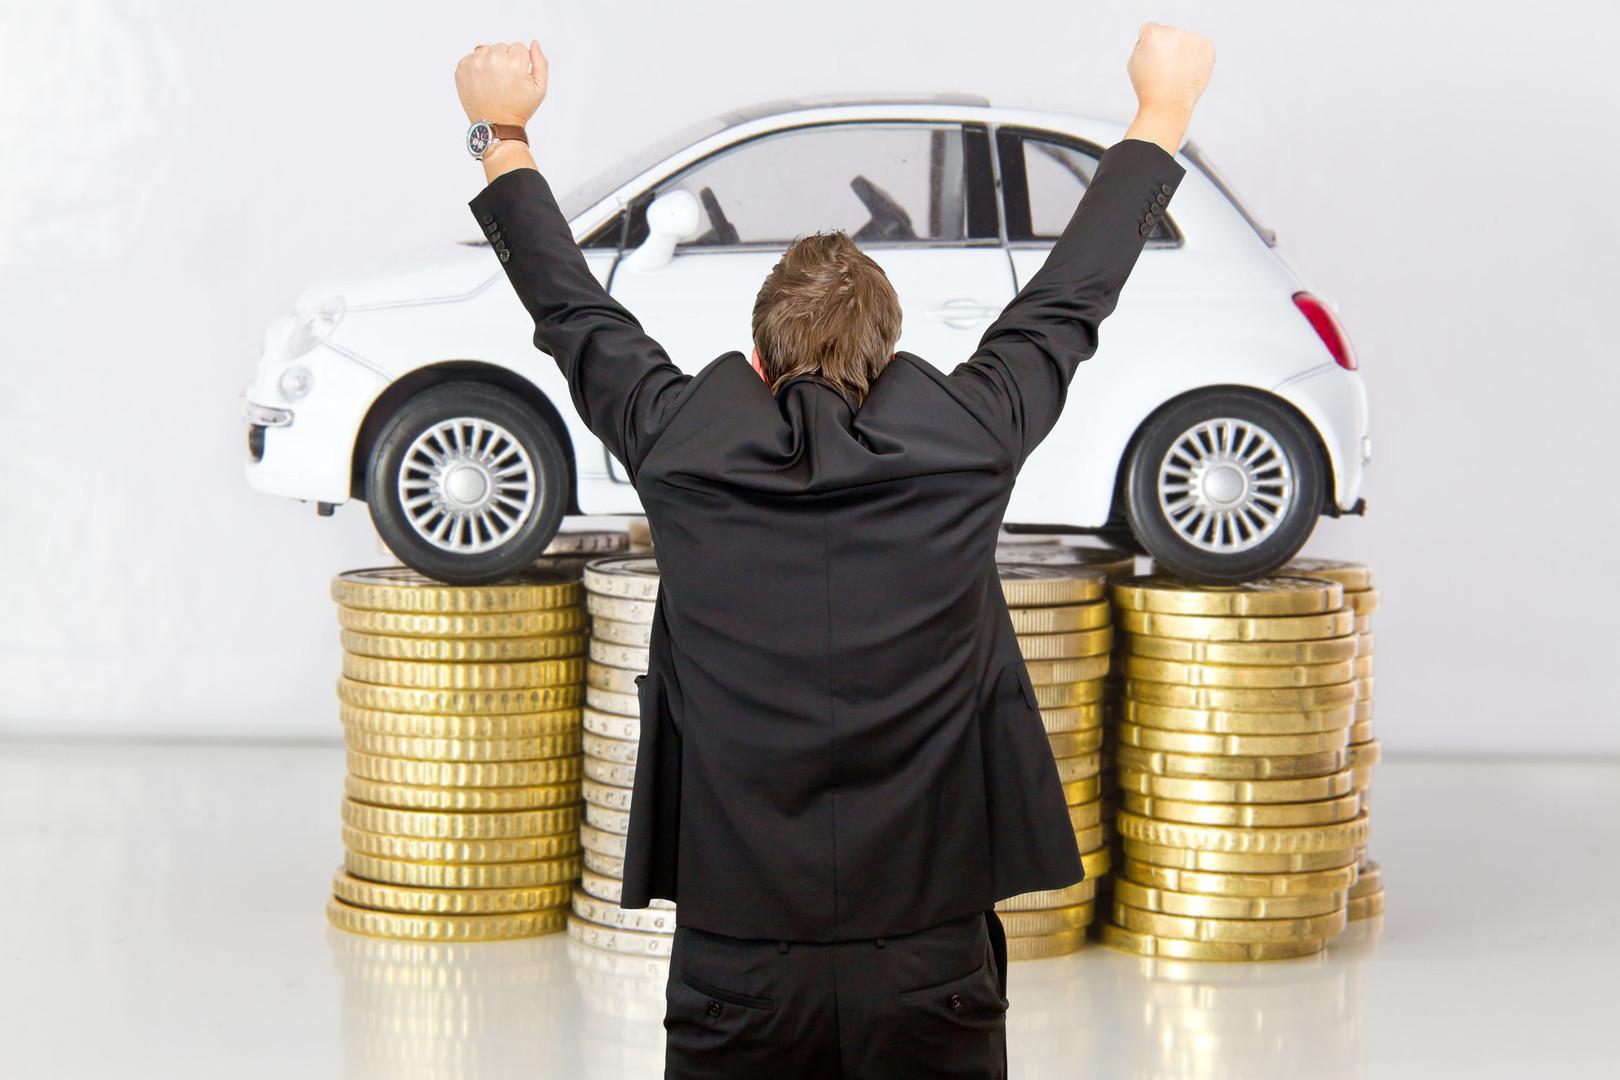 Geld Auto Mann arme oben.jpg